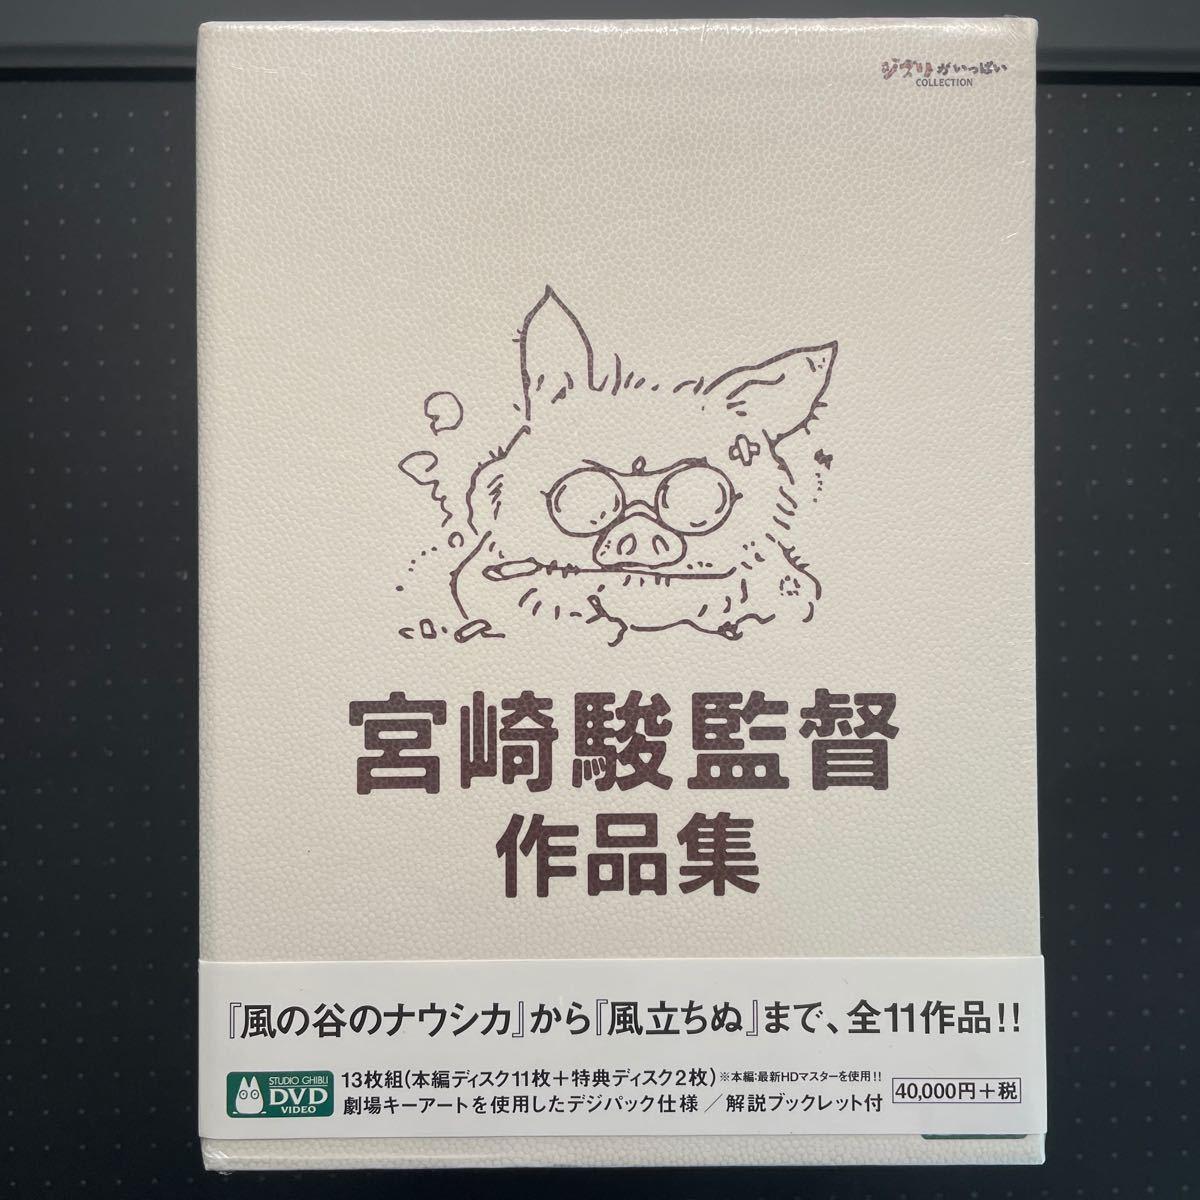 【新品未開封】DVD 宮崎駿 監督 作品集